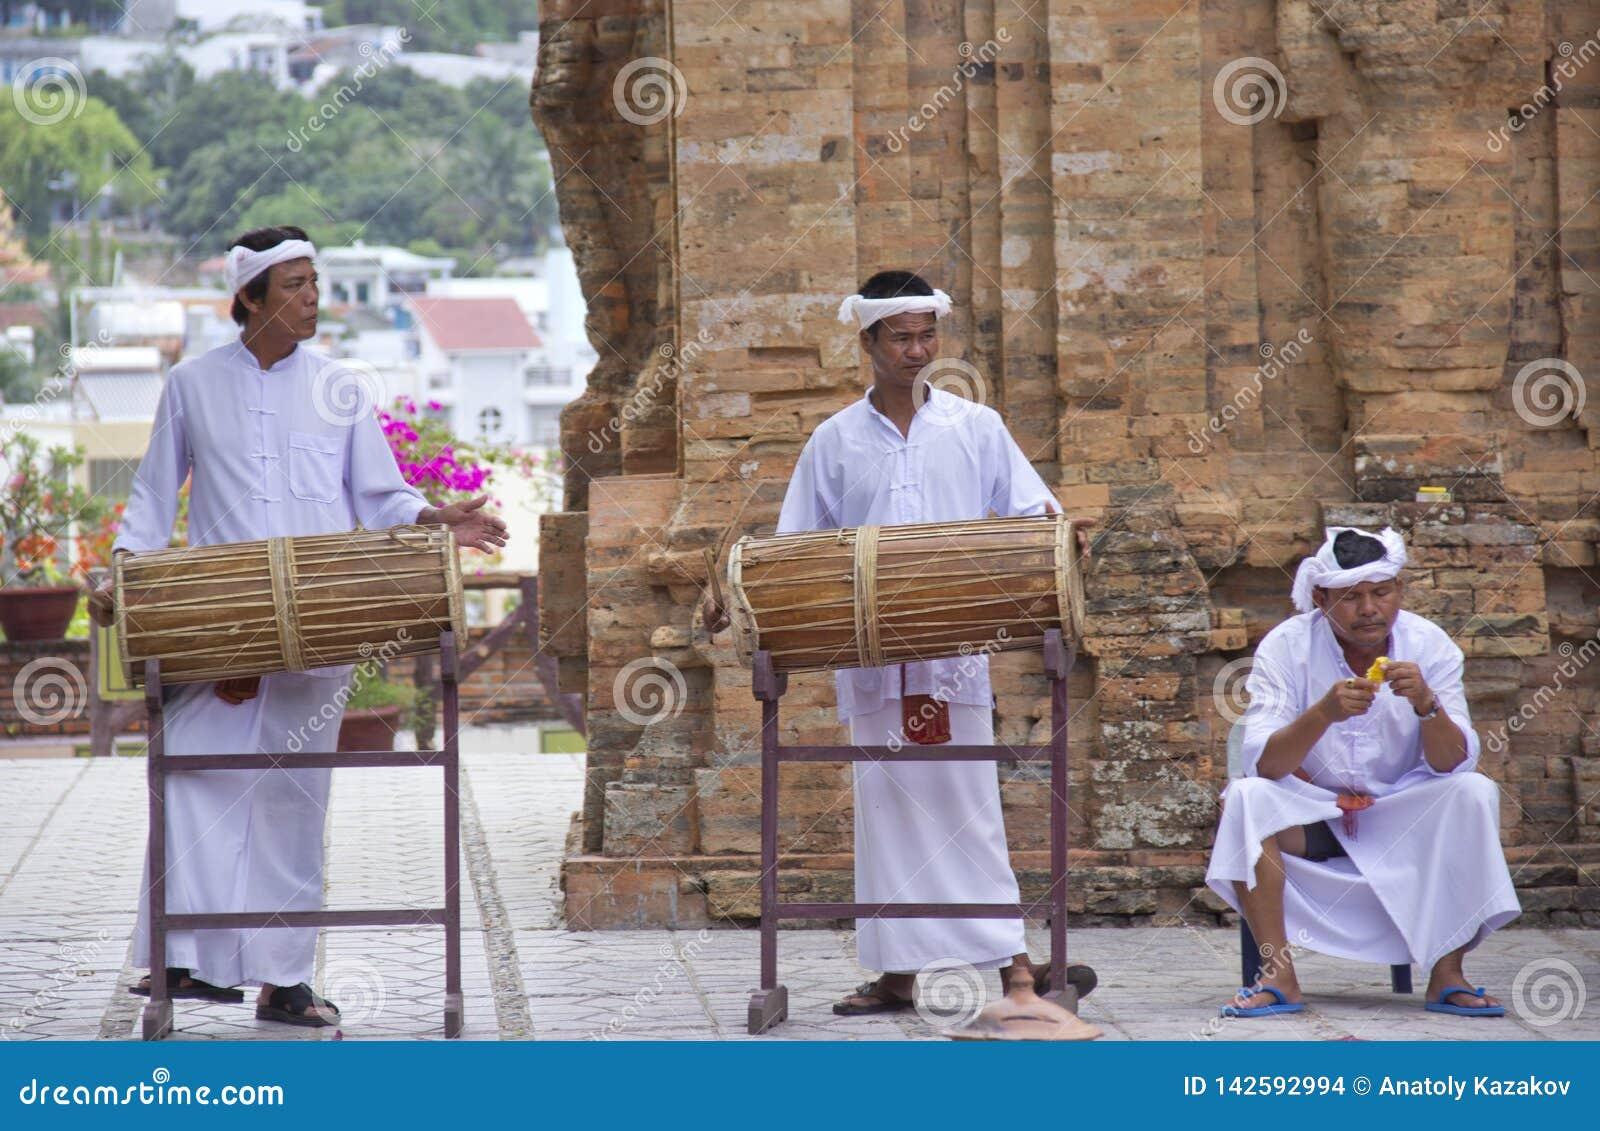 Οι μοναχοί παίζουν τα τύμπανα